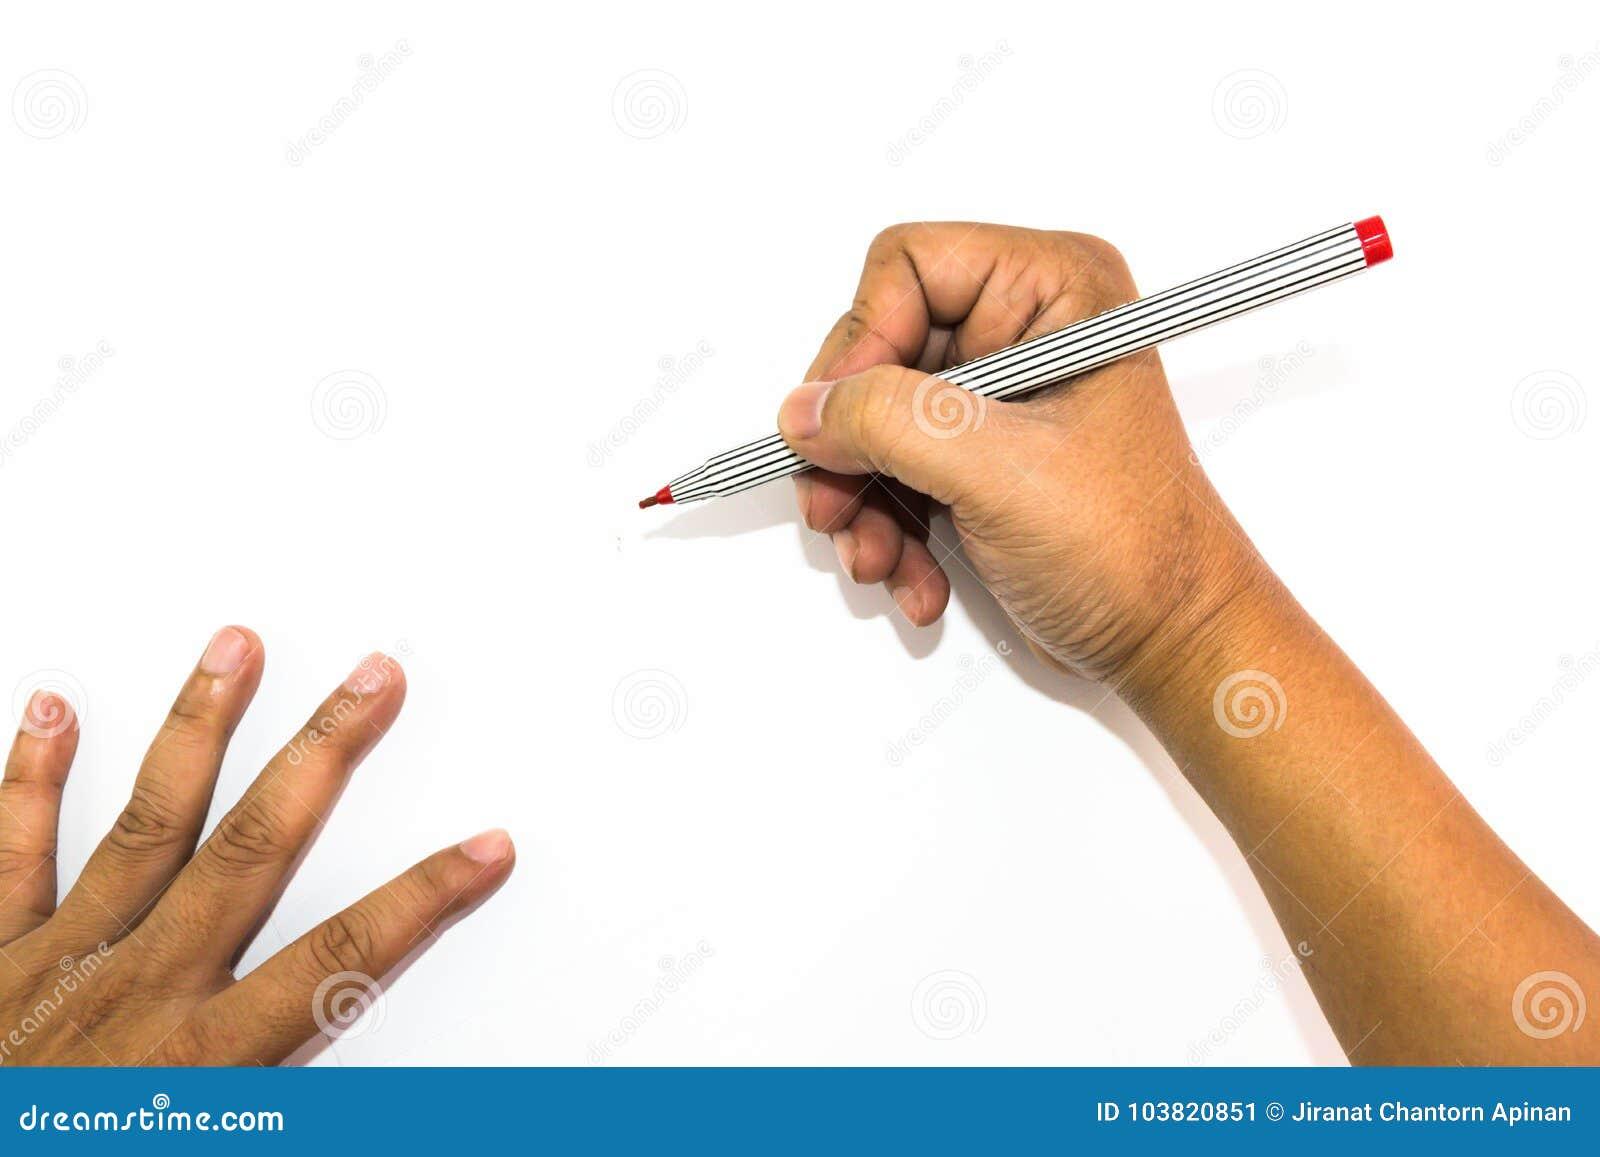 La mano del hombre está dibujando con el rotulador rojo